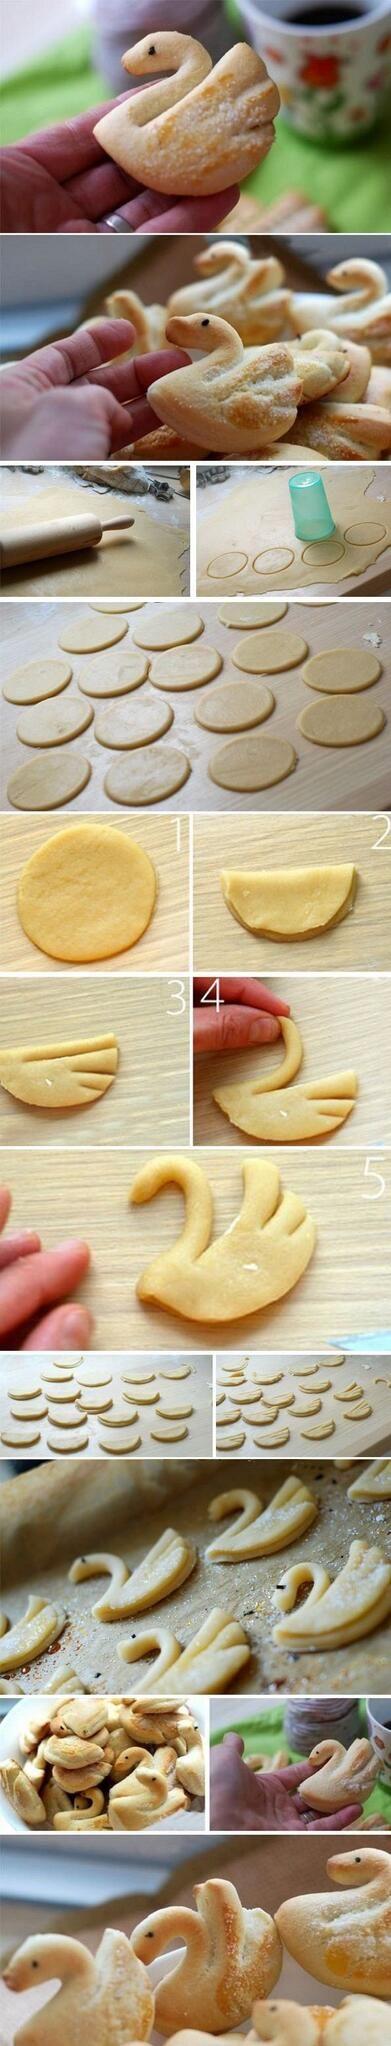 """[Tuto] On craque pour ces #biscuits """"cygnes"""", et la bonne nouvelle, c'est que c'est facile à réaliser ! pic.twitter.com/oTVvnE1bXS:"""